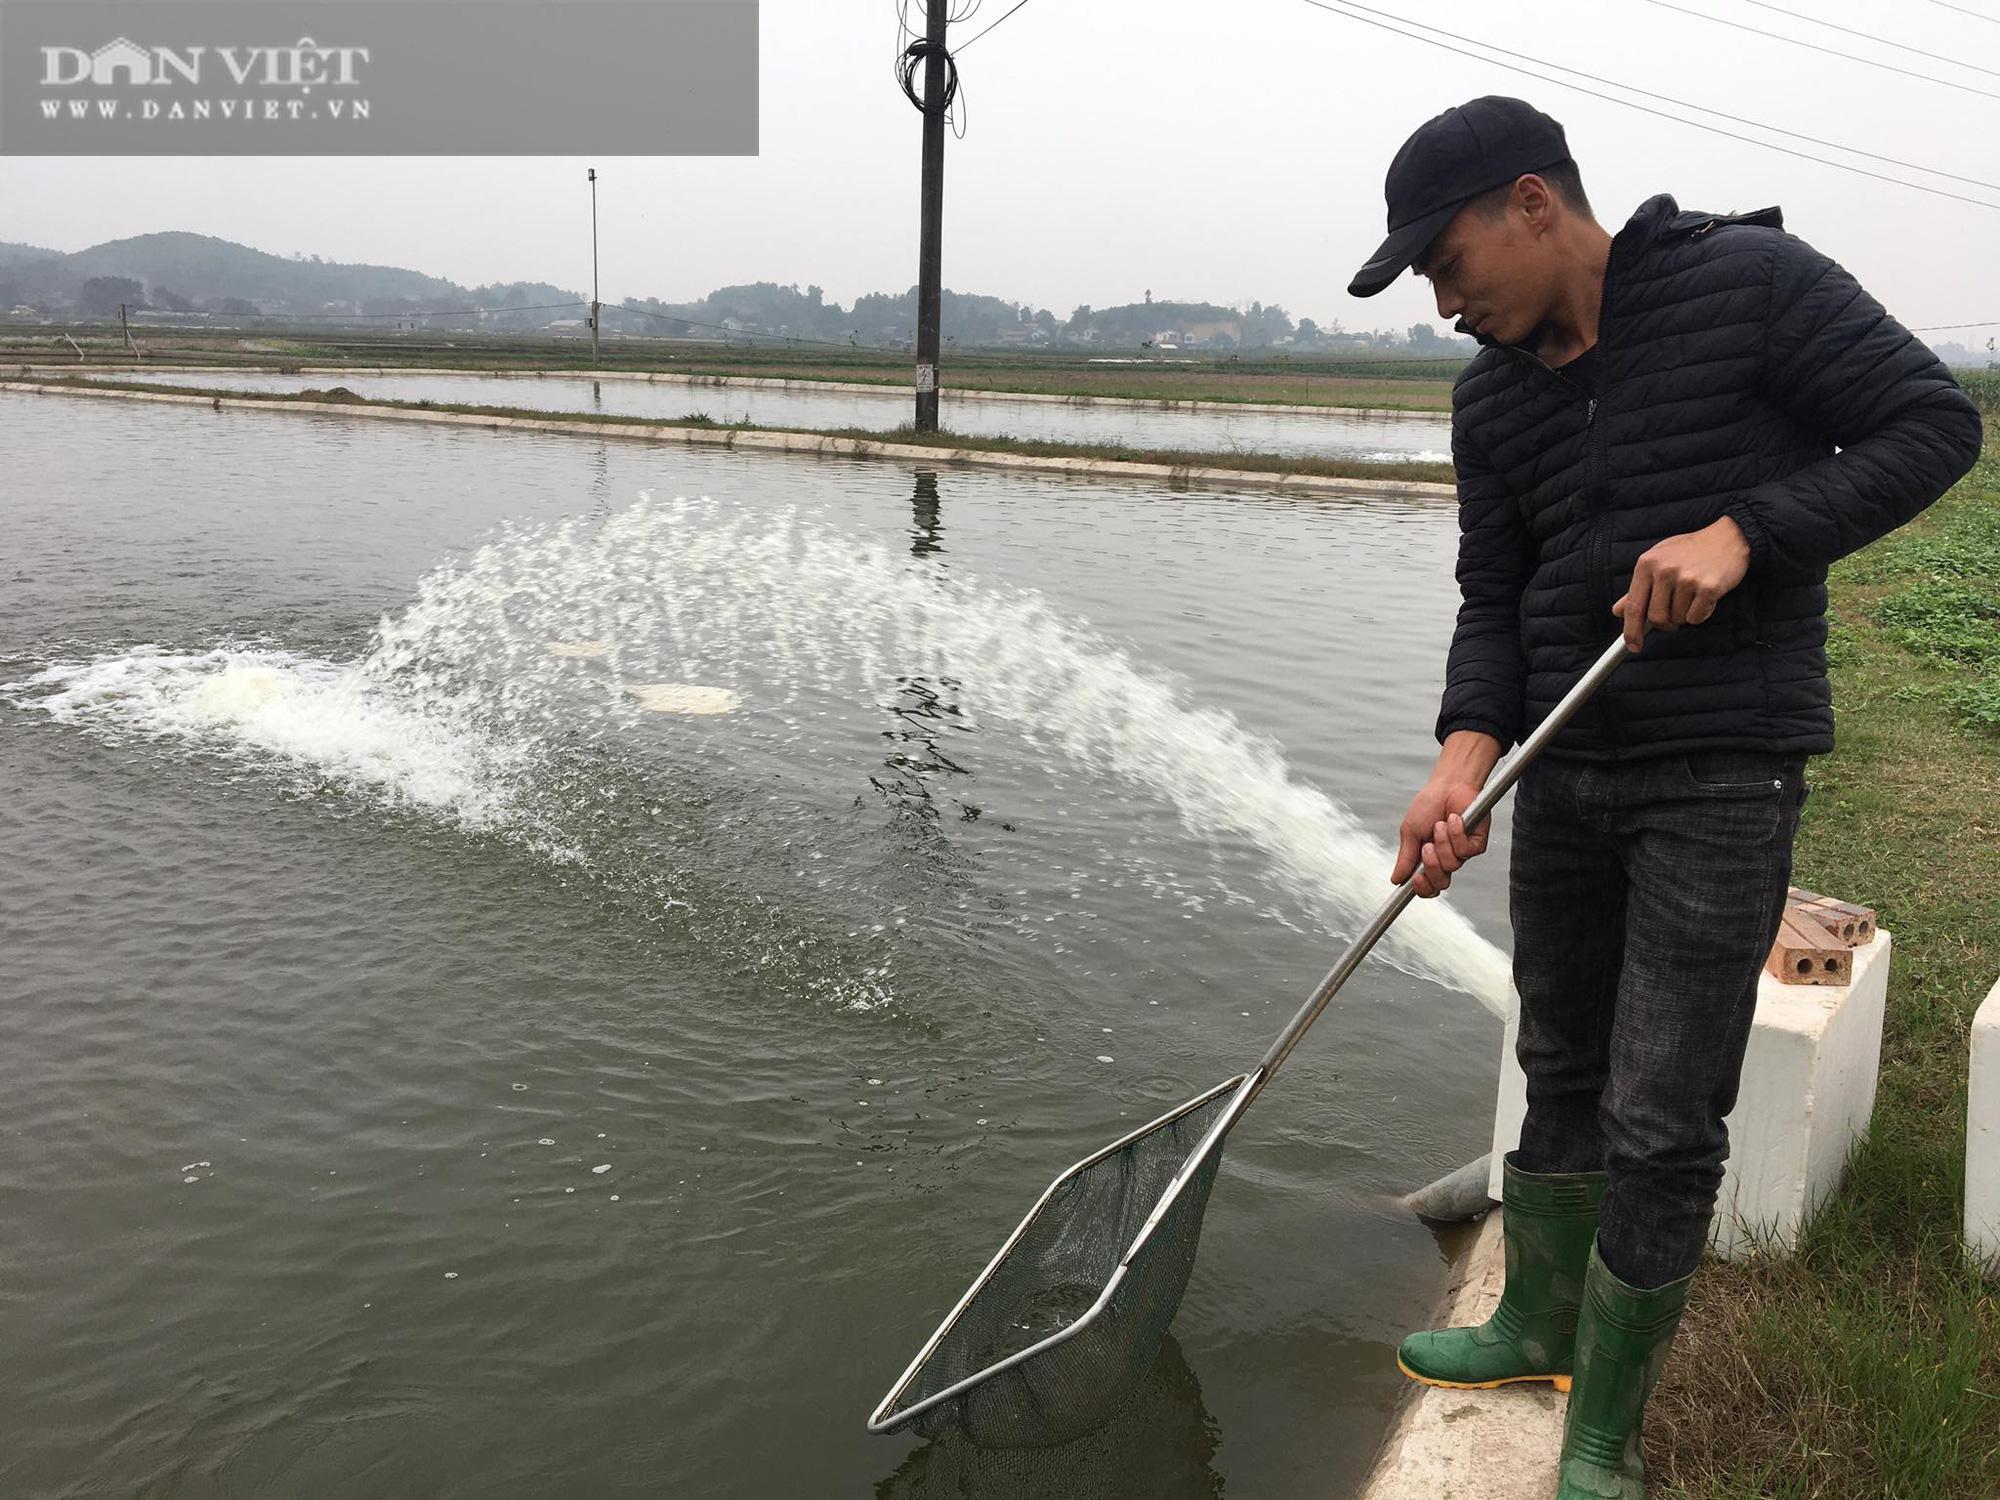 """Phú Thọ: Bản lĩnh vay ngân hàng làm giàu, mỗi năm ông chủ U40 """"ẵm"""" hàng trăm triệu từ cá giống - Ảnh 1."""